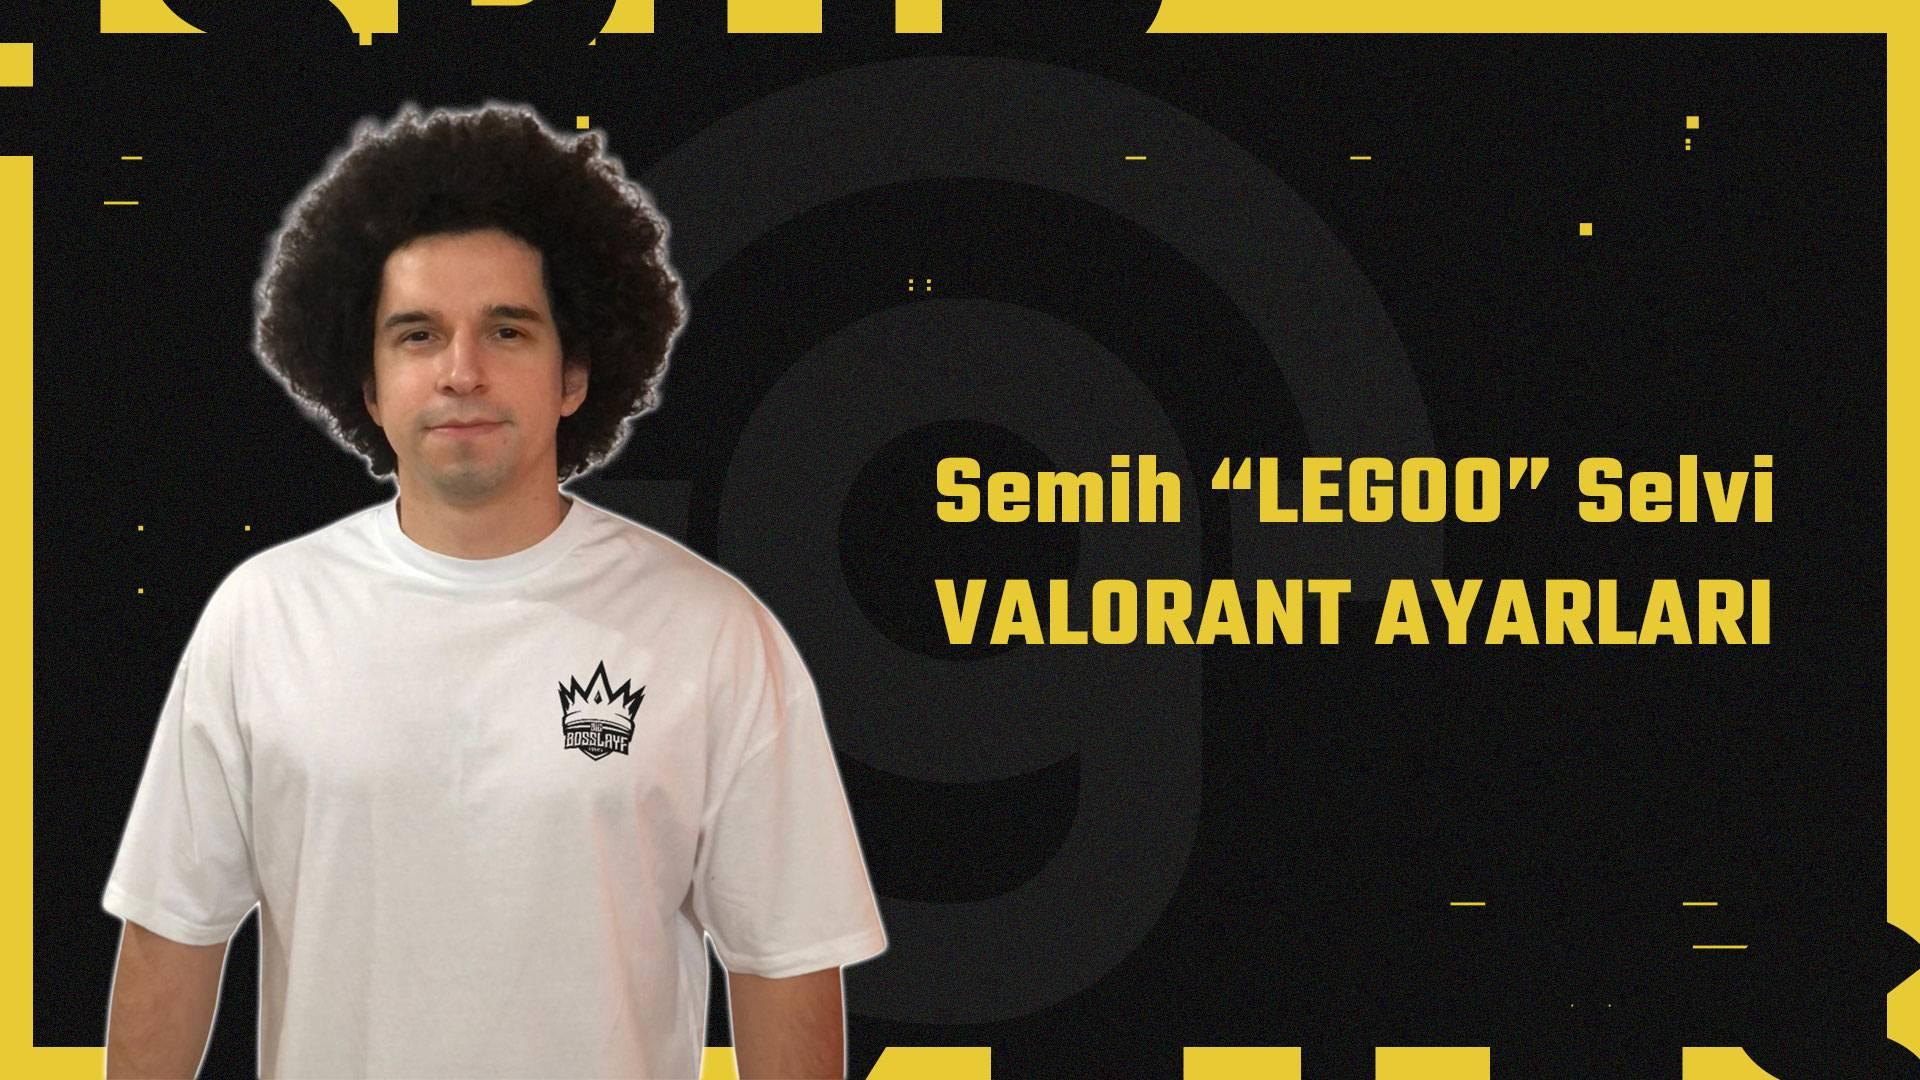 legoo valorant ayarları